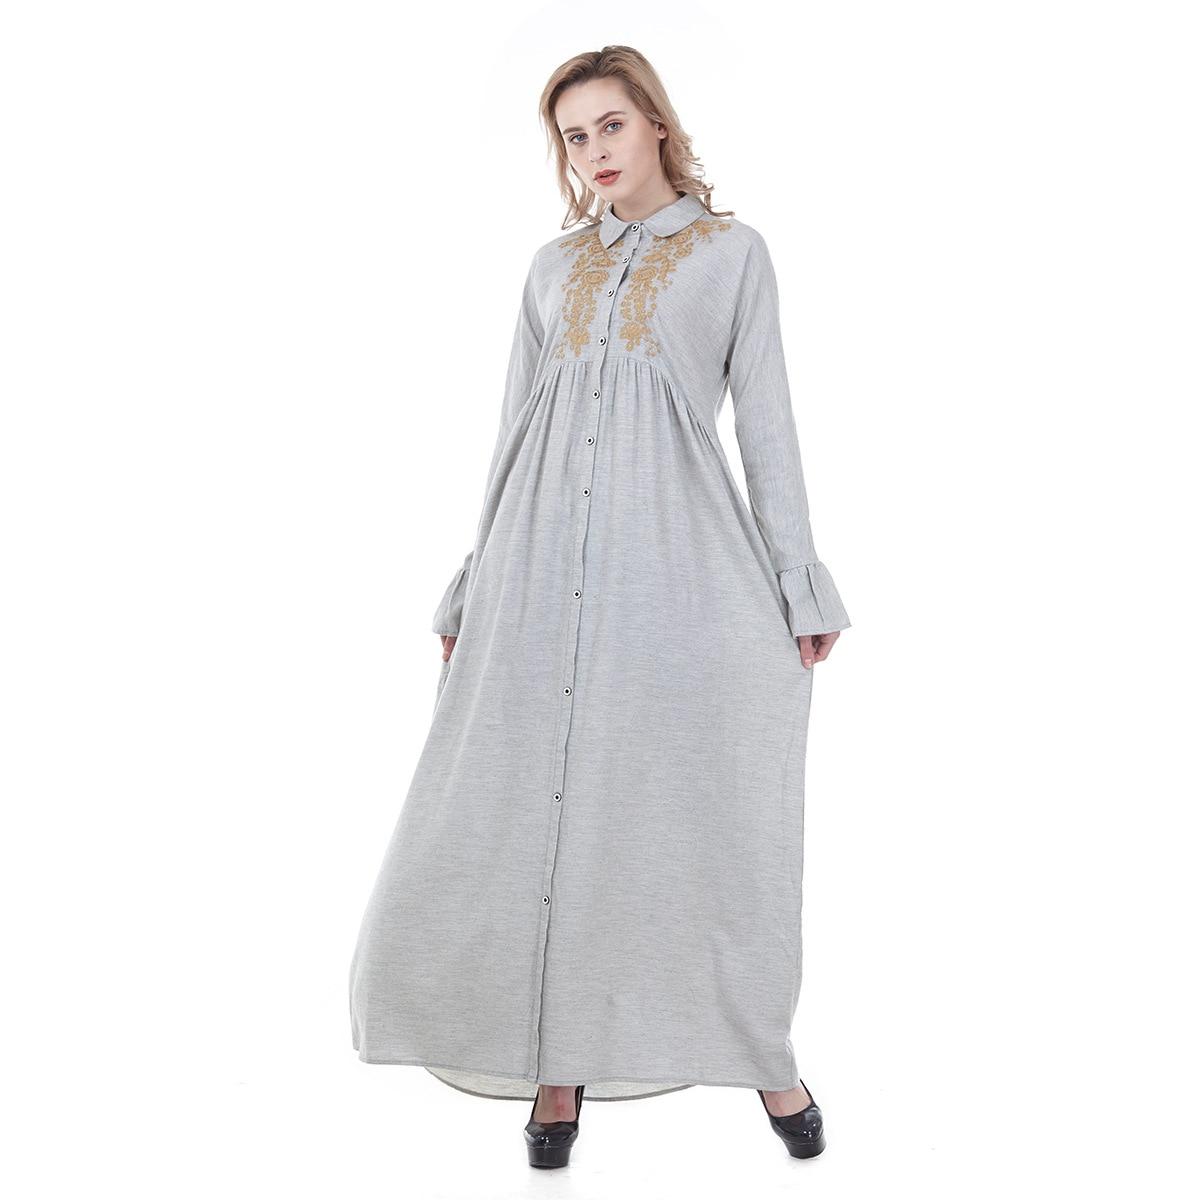 Moyen-orient à la mode brodé sexy chemise-style cardigan robe vêtements musulmans caftan femmes dubaï robe turquie